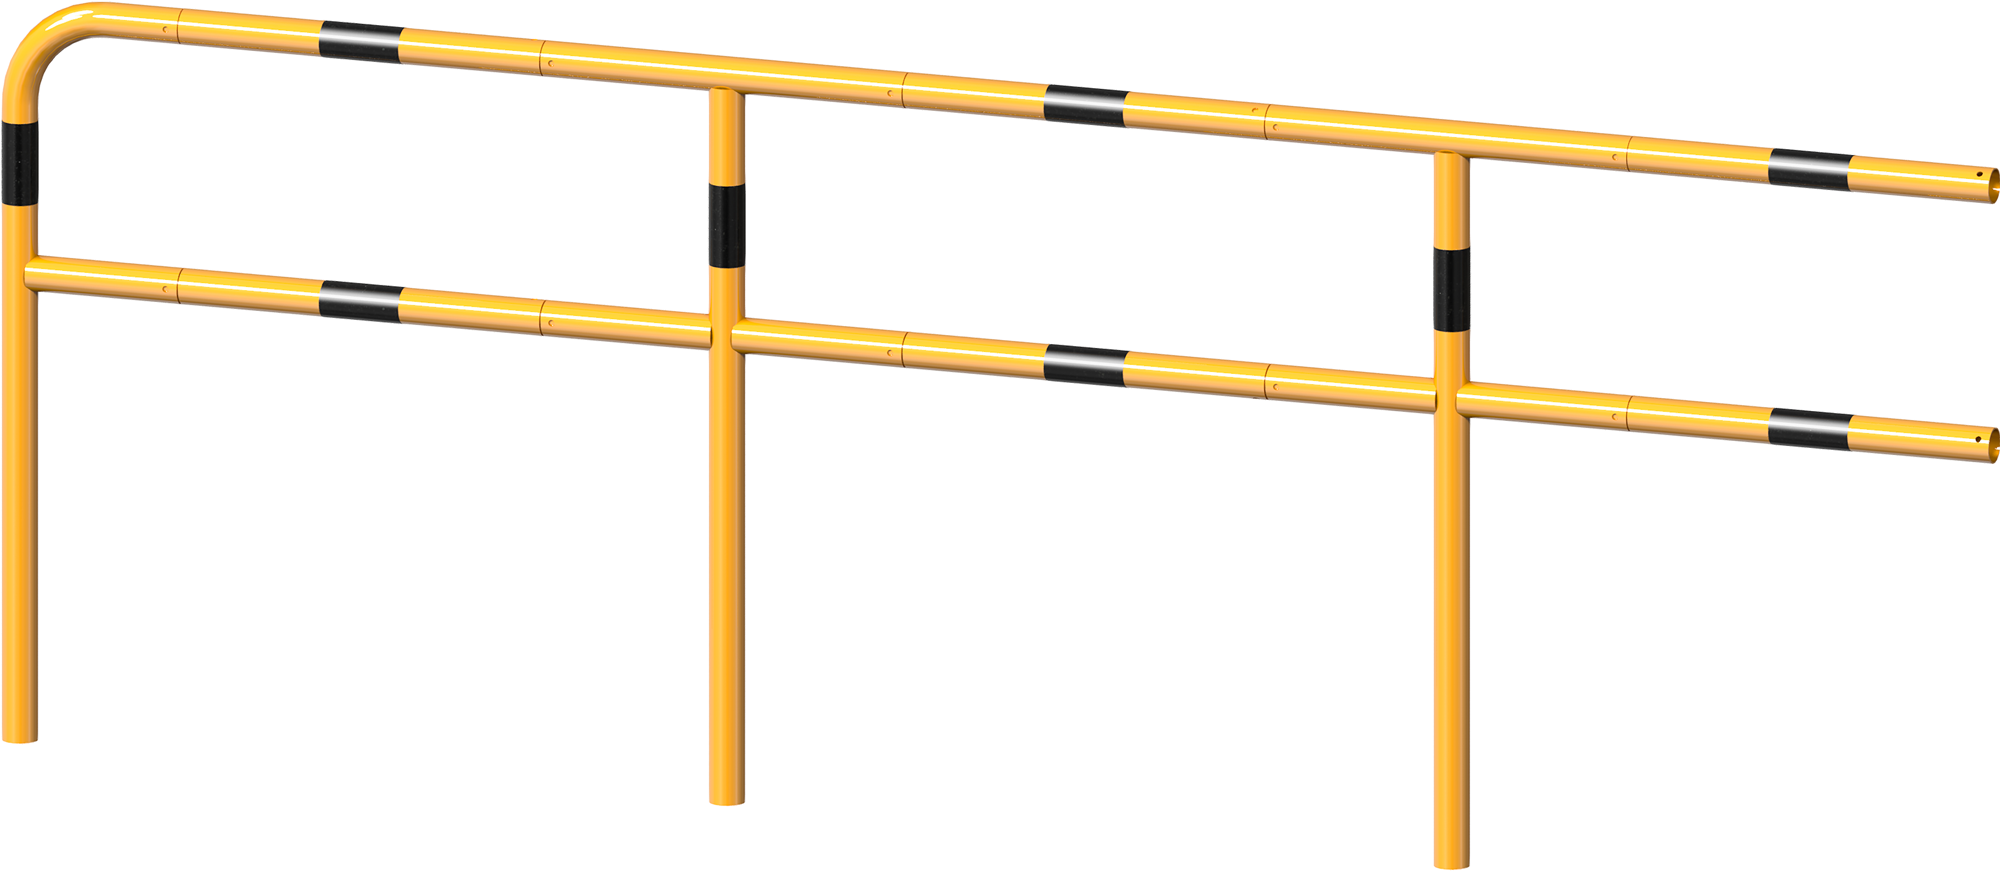 Schake Schutzgeländer Stahl Stecksystem Querholm Ø 48 mm